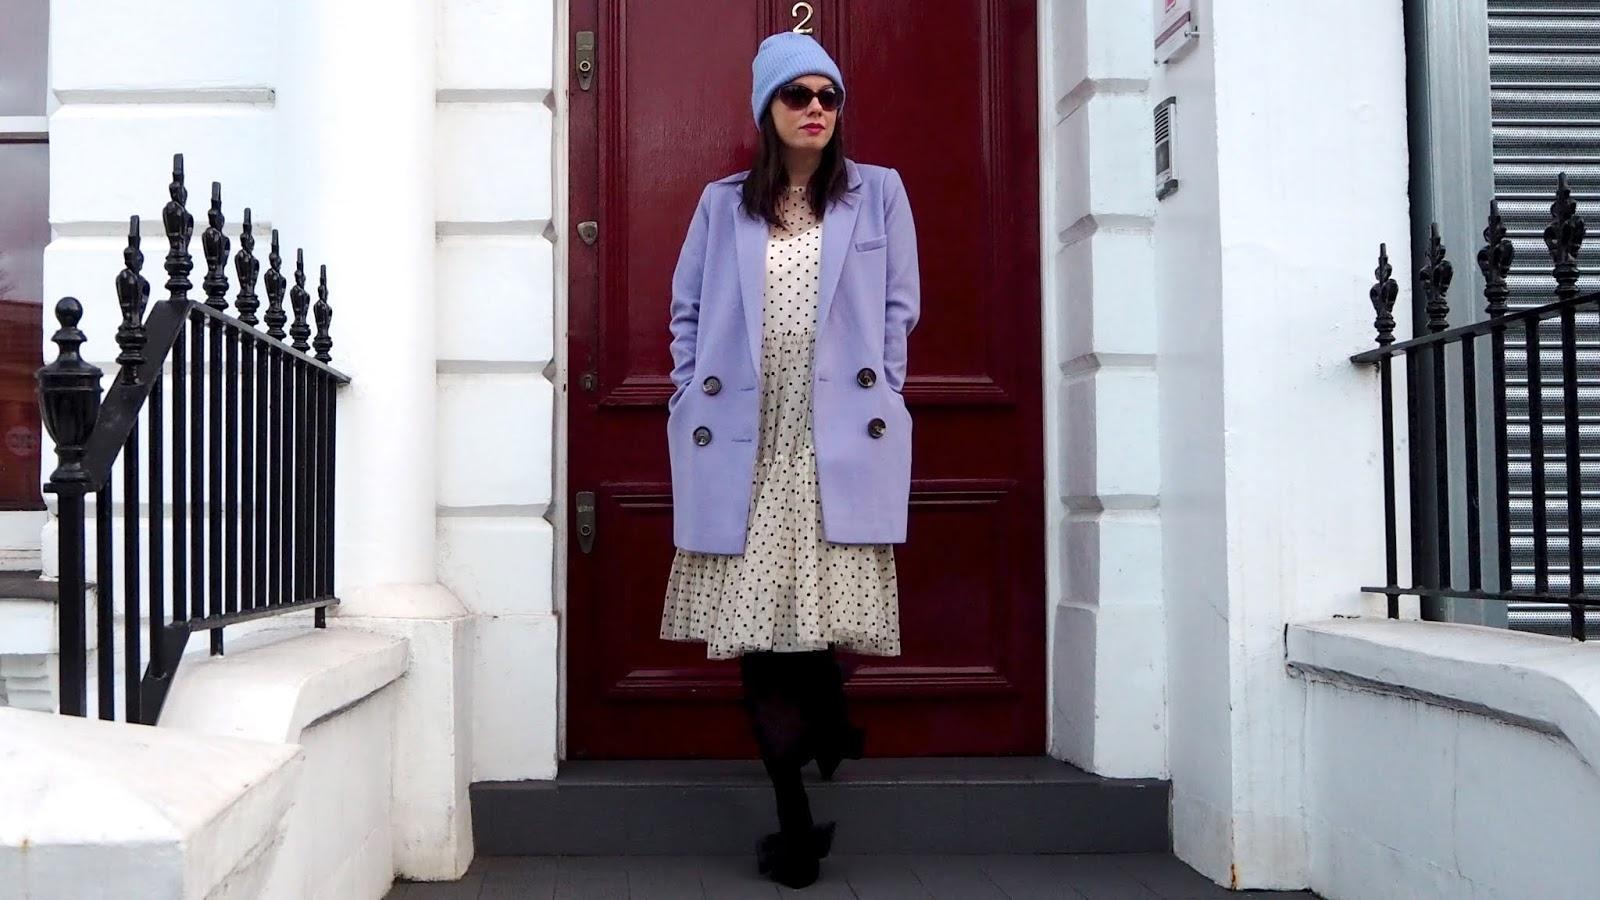 lavender coat & hat with black & beige polka dot dress